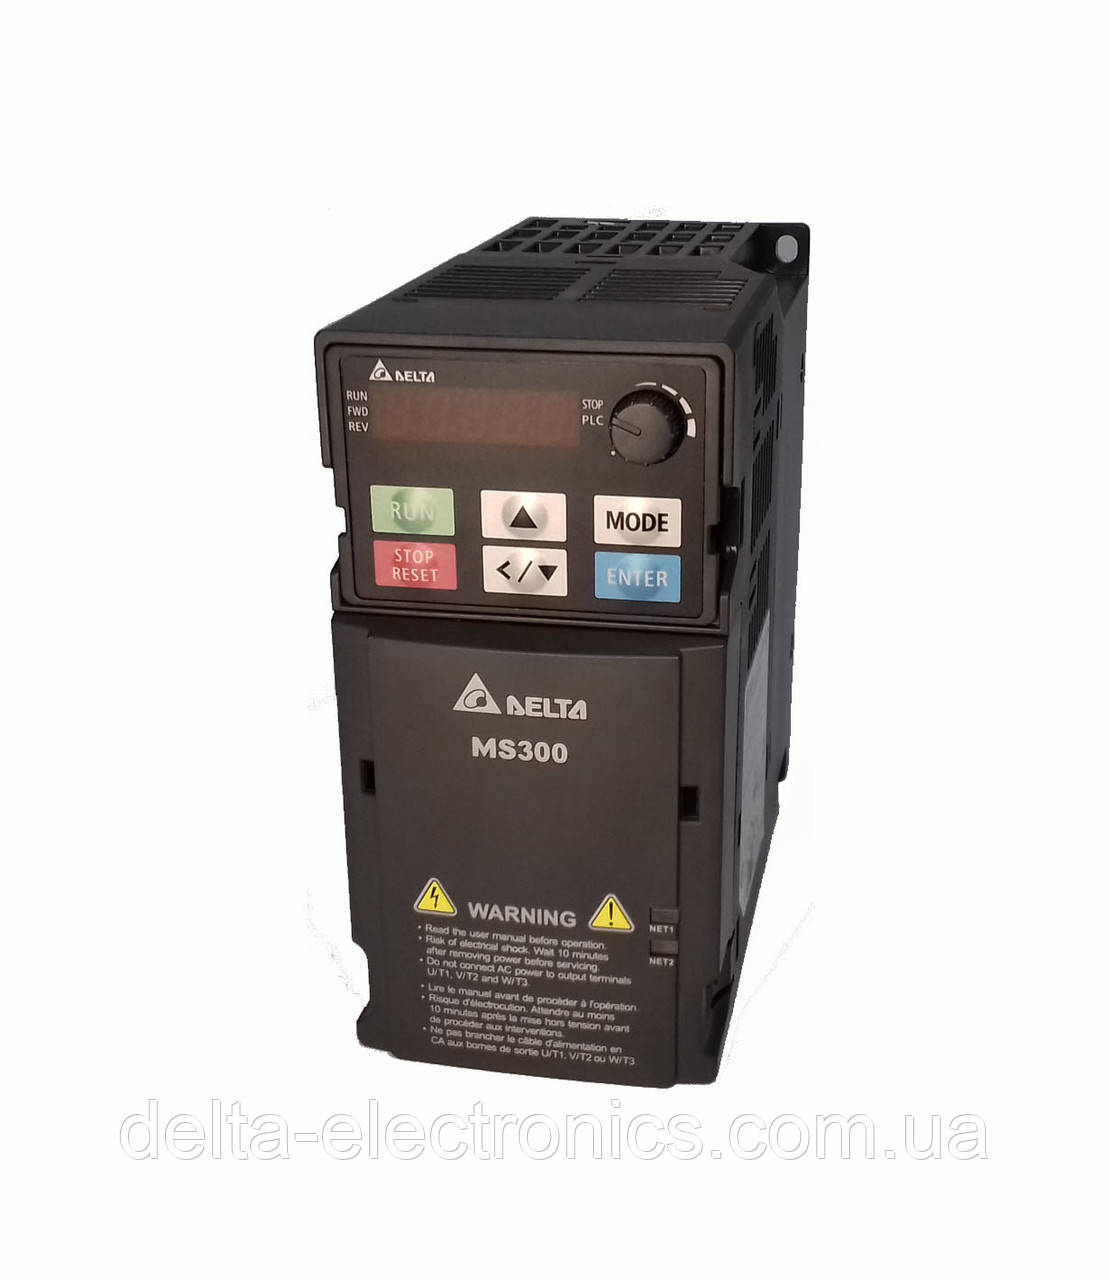 Преобразователь частоты MS300, 3x380В, 0,75 кВт, 2,7 /3,0А, ЭМС С2 фильтр, векторный, c ПЛК, VFD2A7MS43AFSAA, фото 1